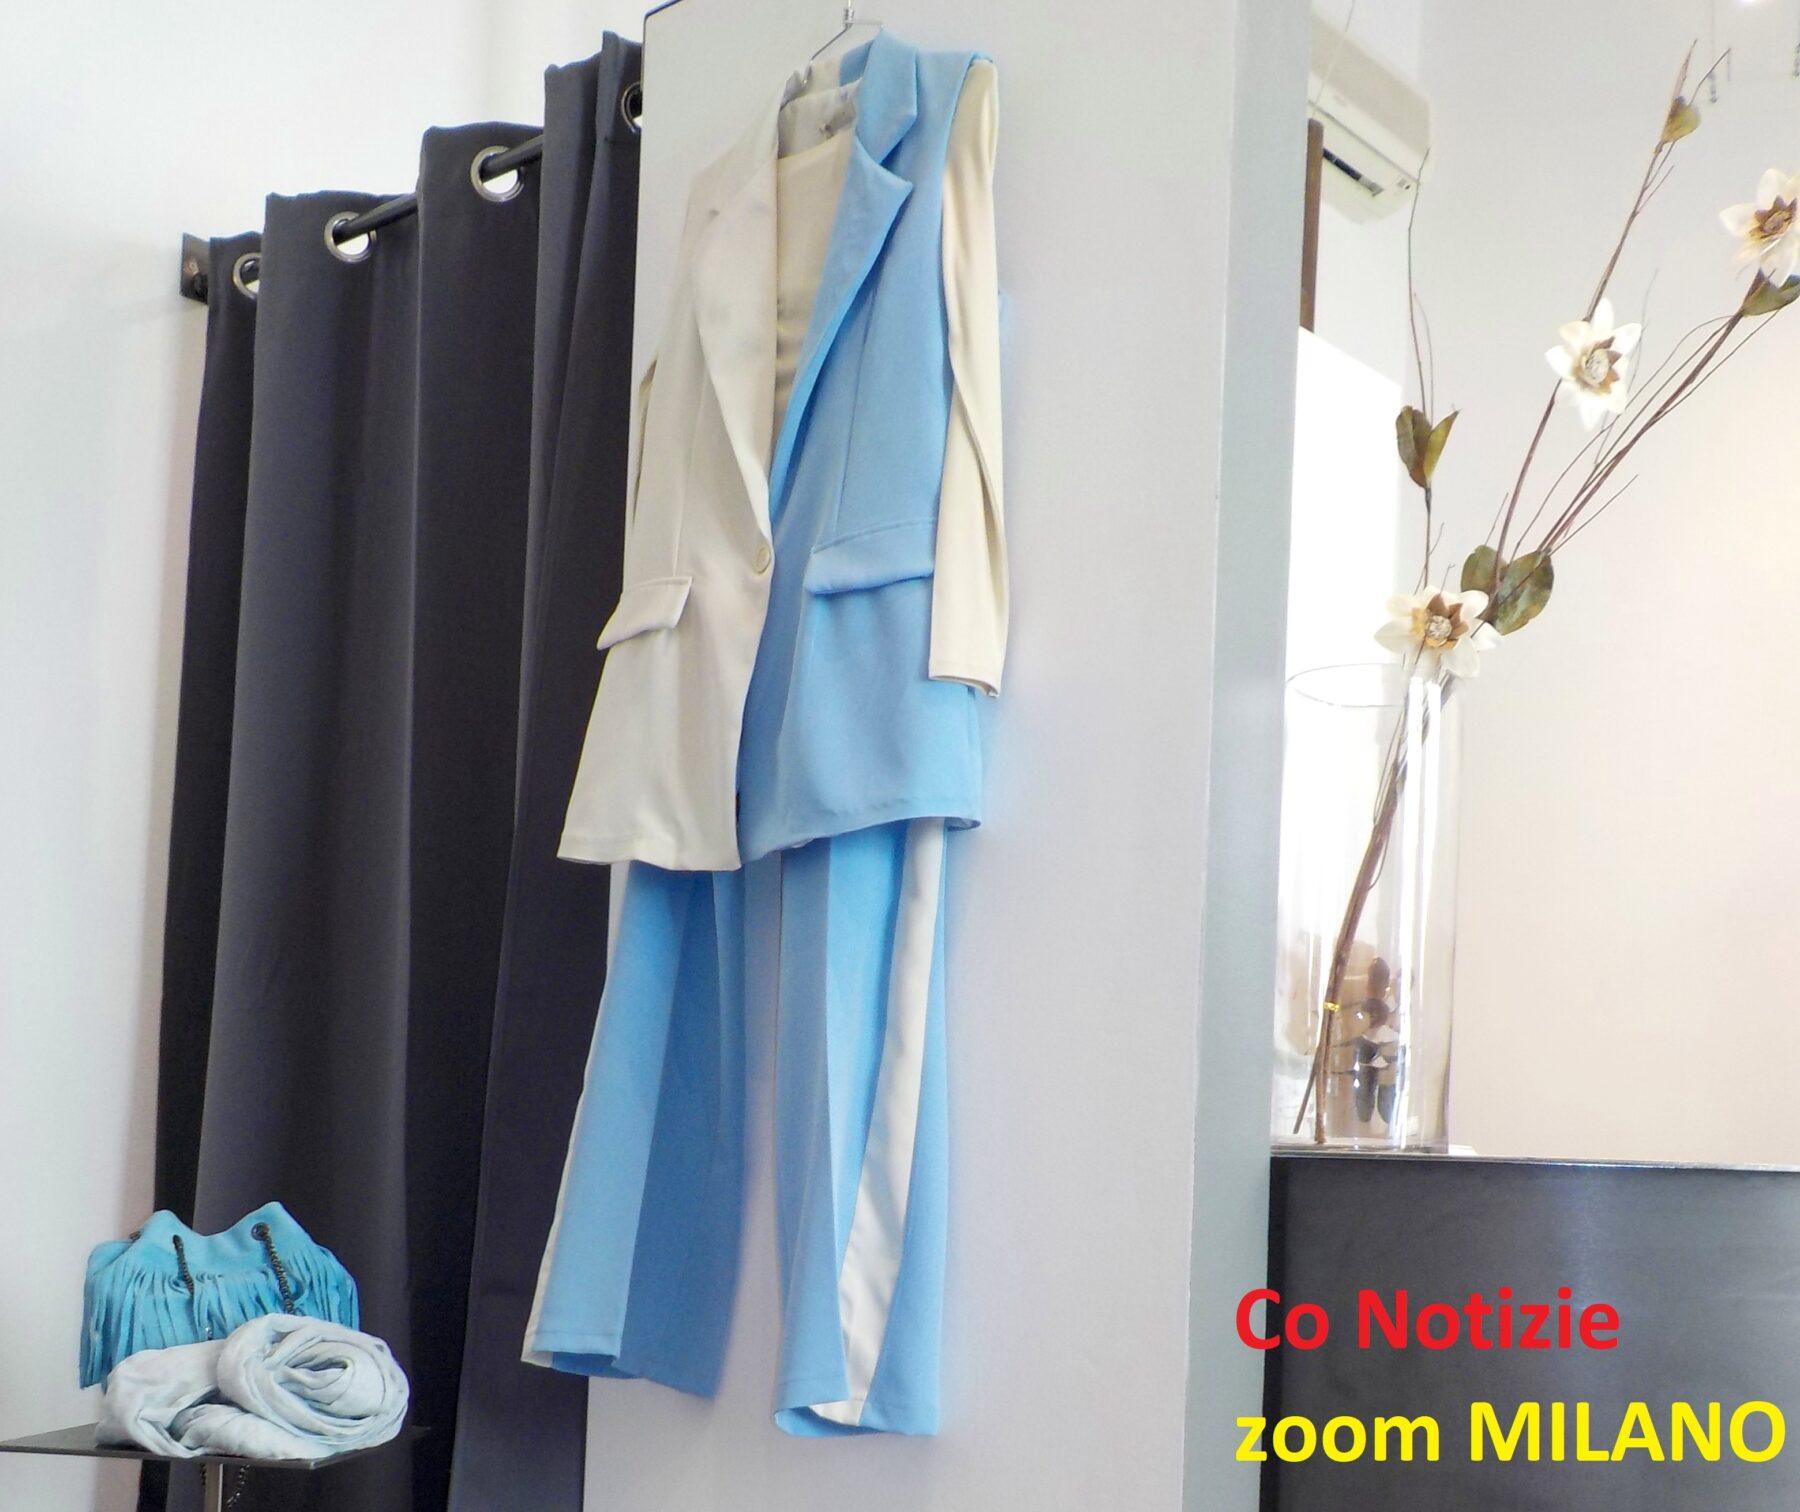 """Uncategorized - La particolarità e l'esaltazione del """"made in Italy"""". S.CODE, Corbetta 05/05/2021"""